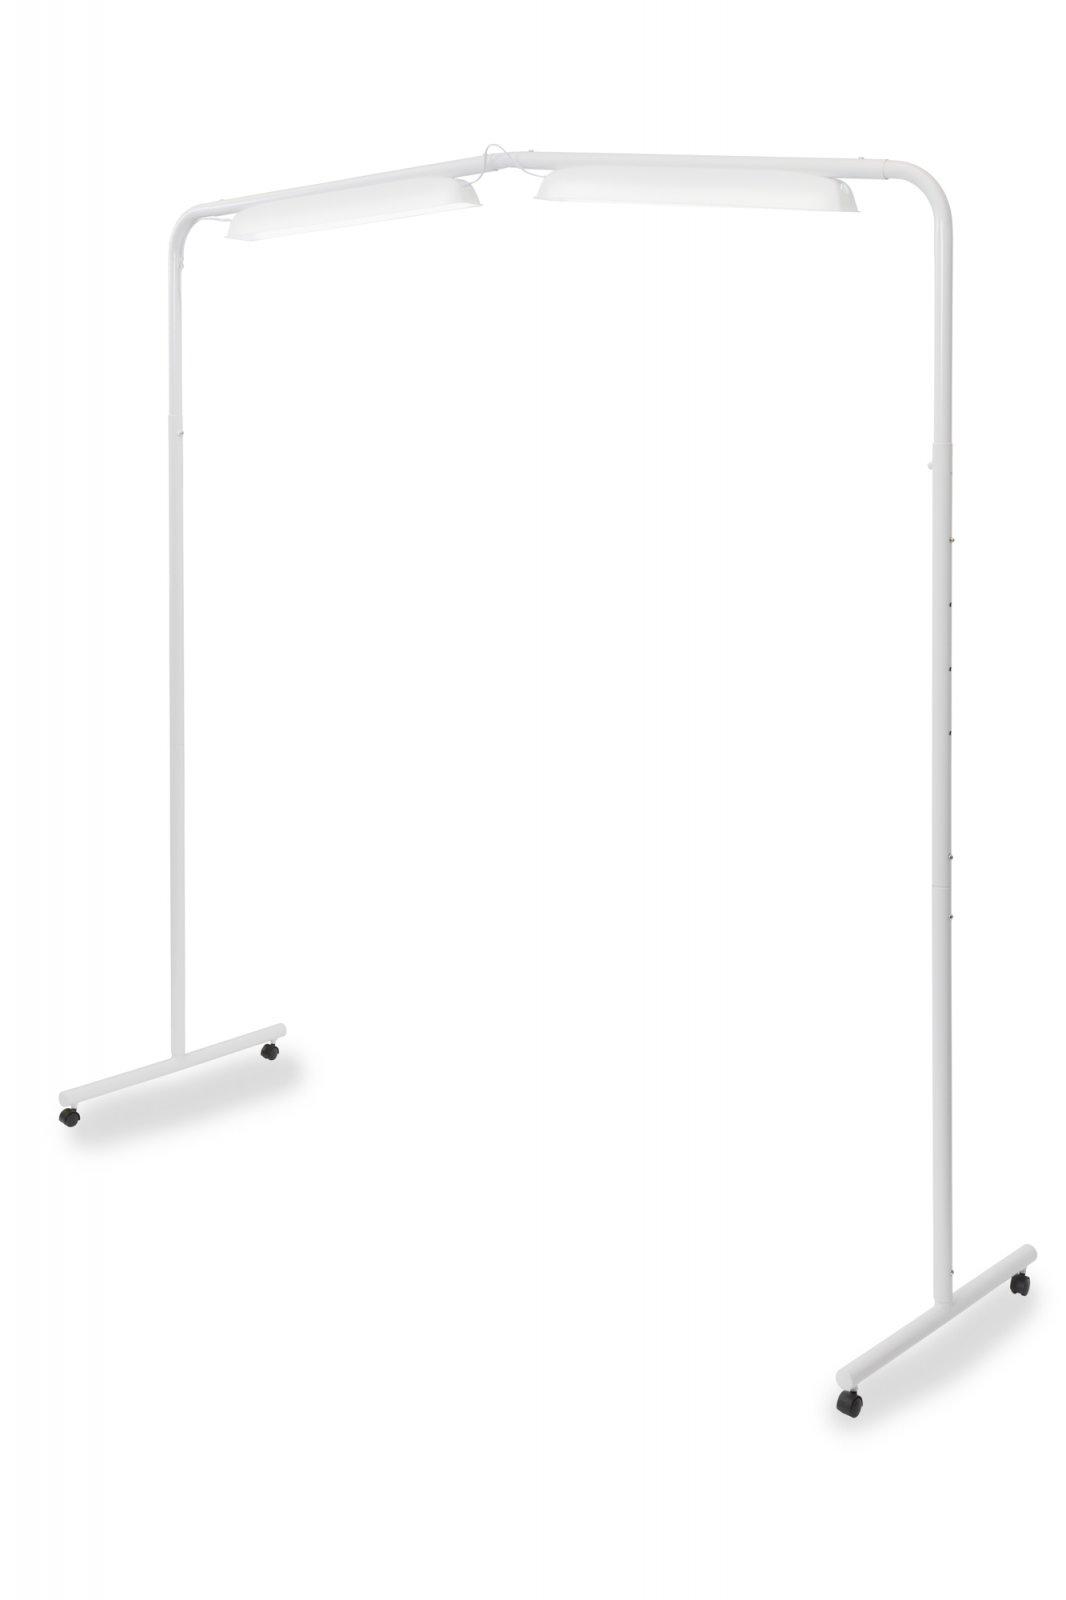 Husqvarna Viking - LED Light for Fabric Frame